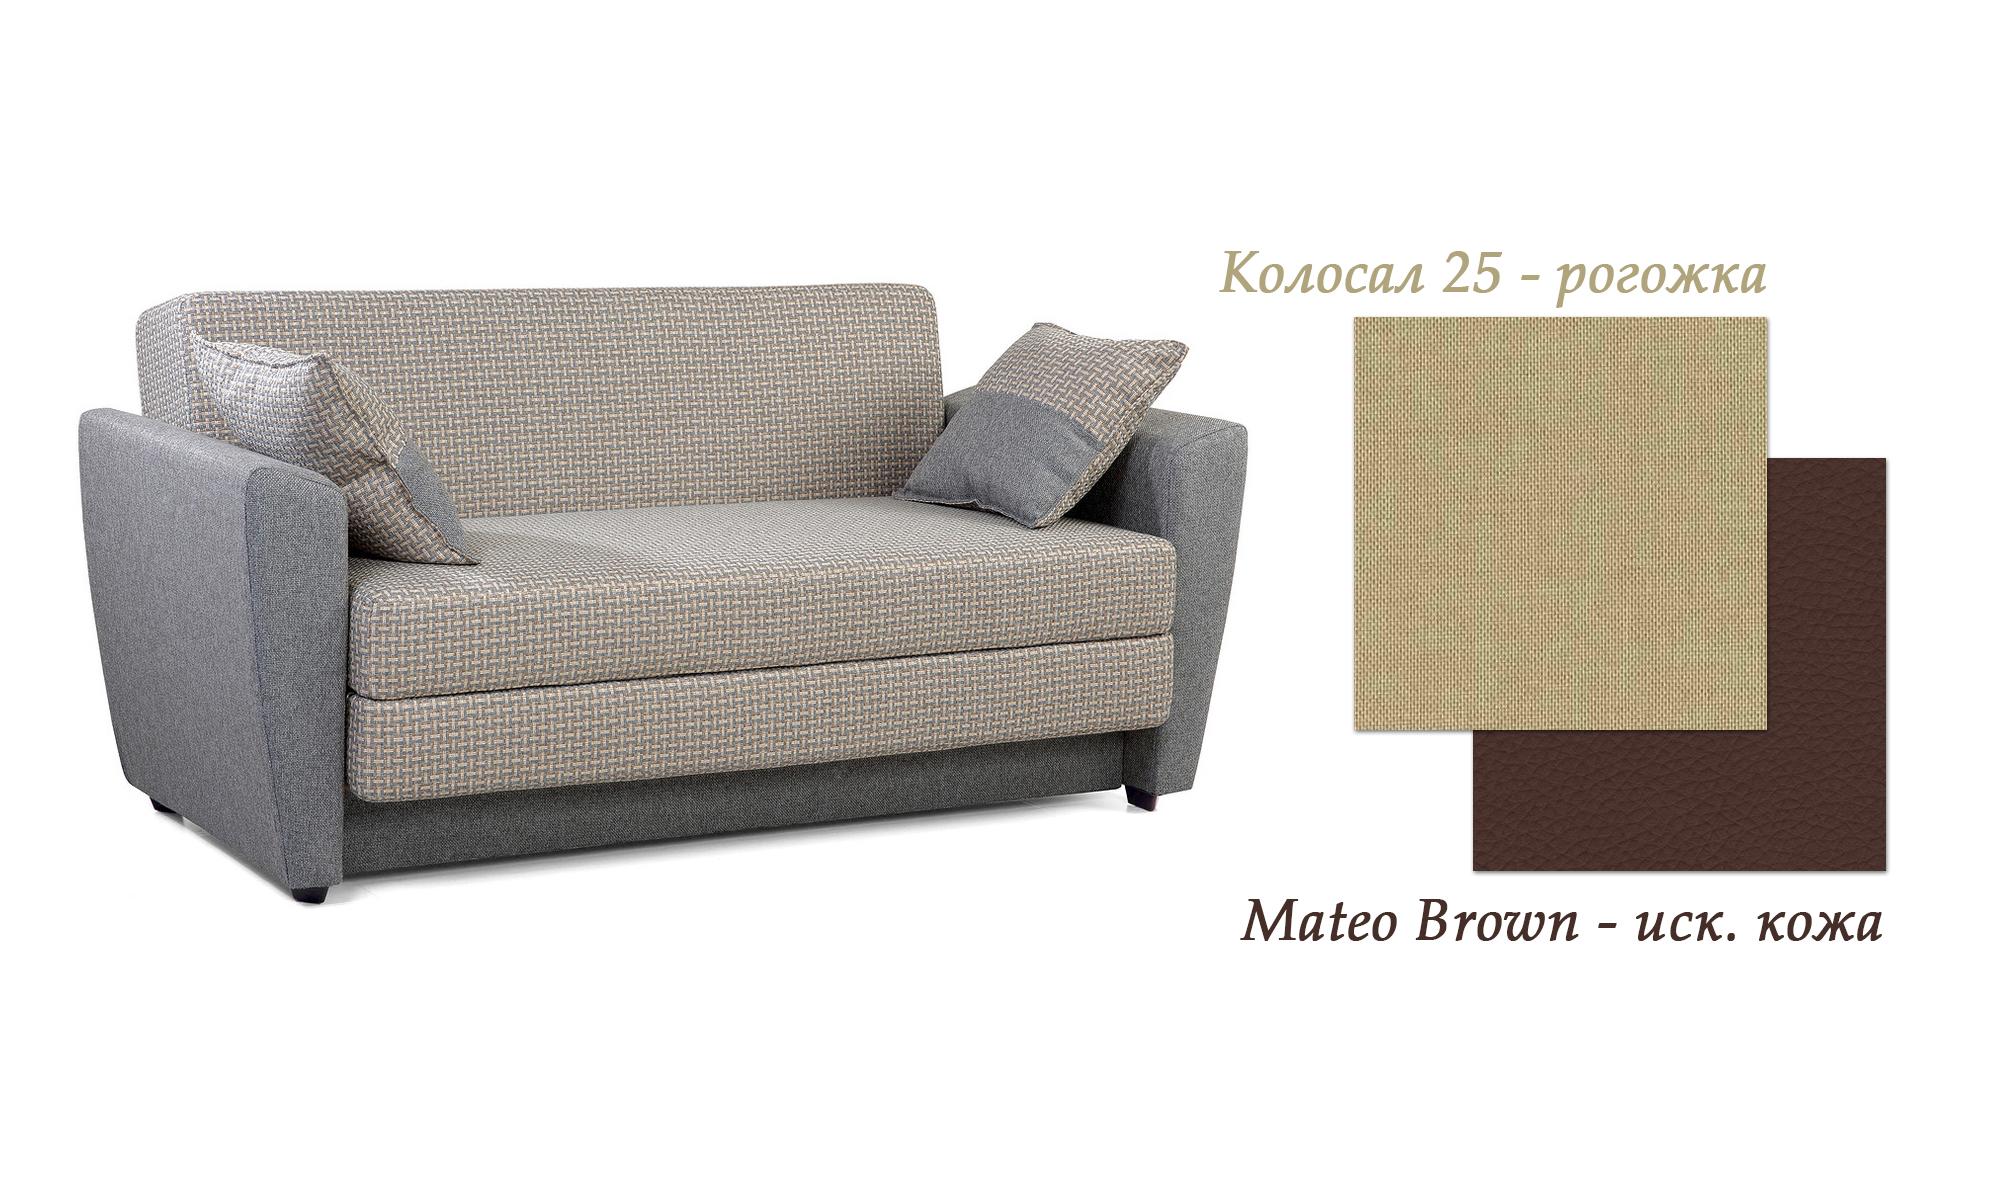 Выкатной диван Малага-Колосал — Выкатной диван Малага